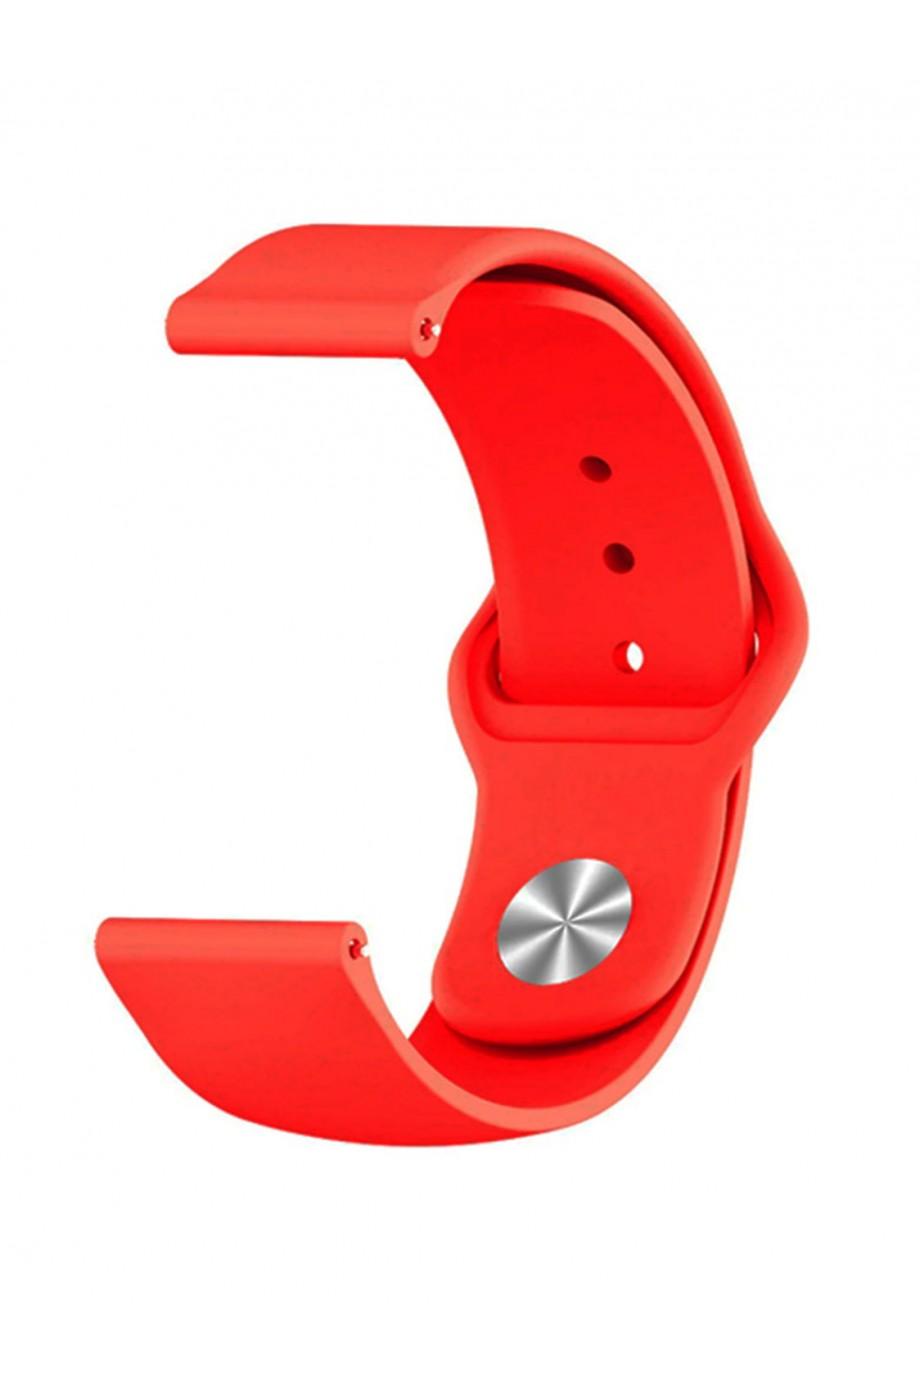 Силиконовый ремешок для Amazfit Stratos 2s, 22 мм, застежка pin-and-tuck, красный, mz-04